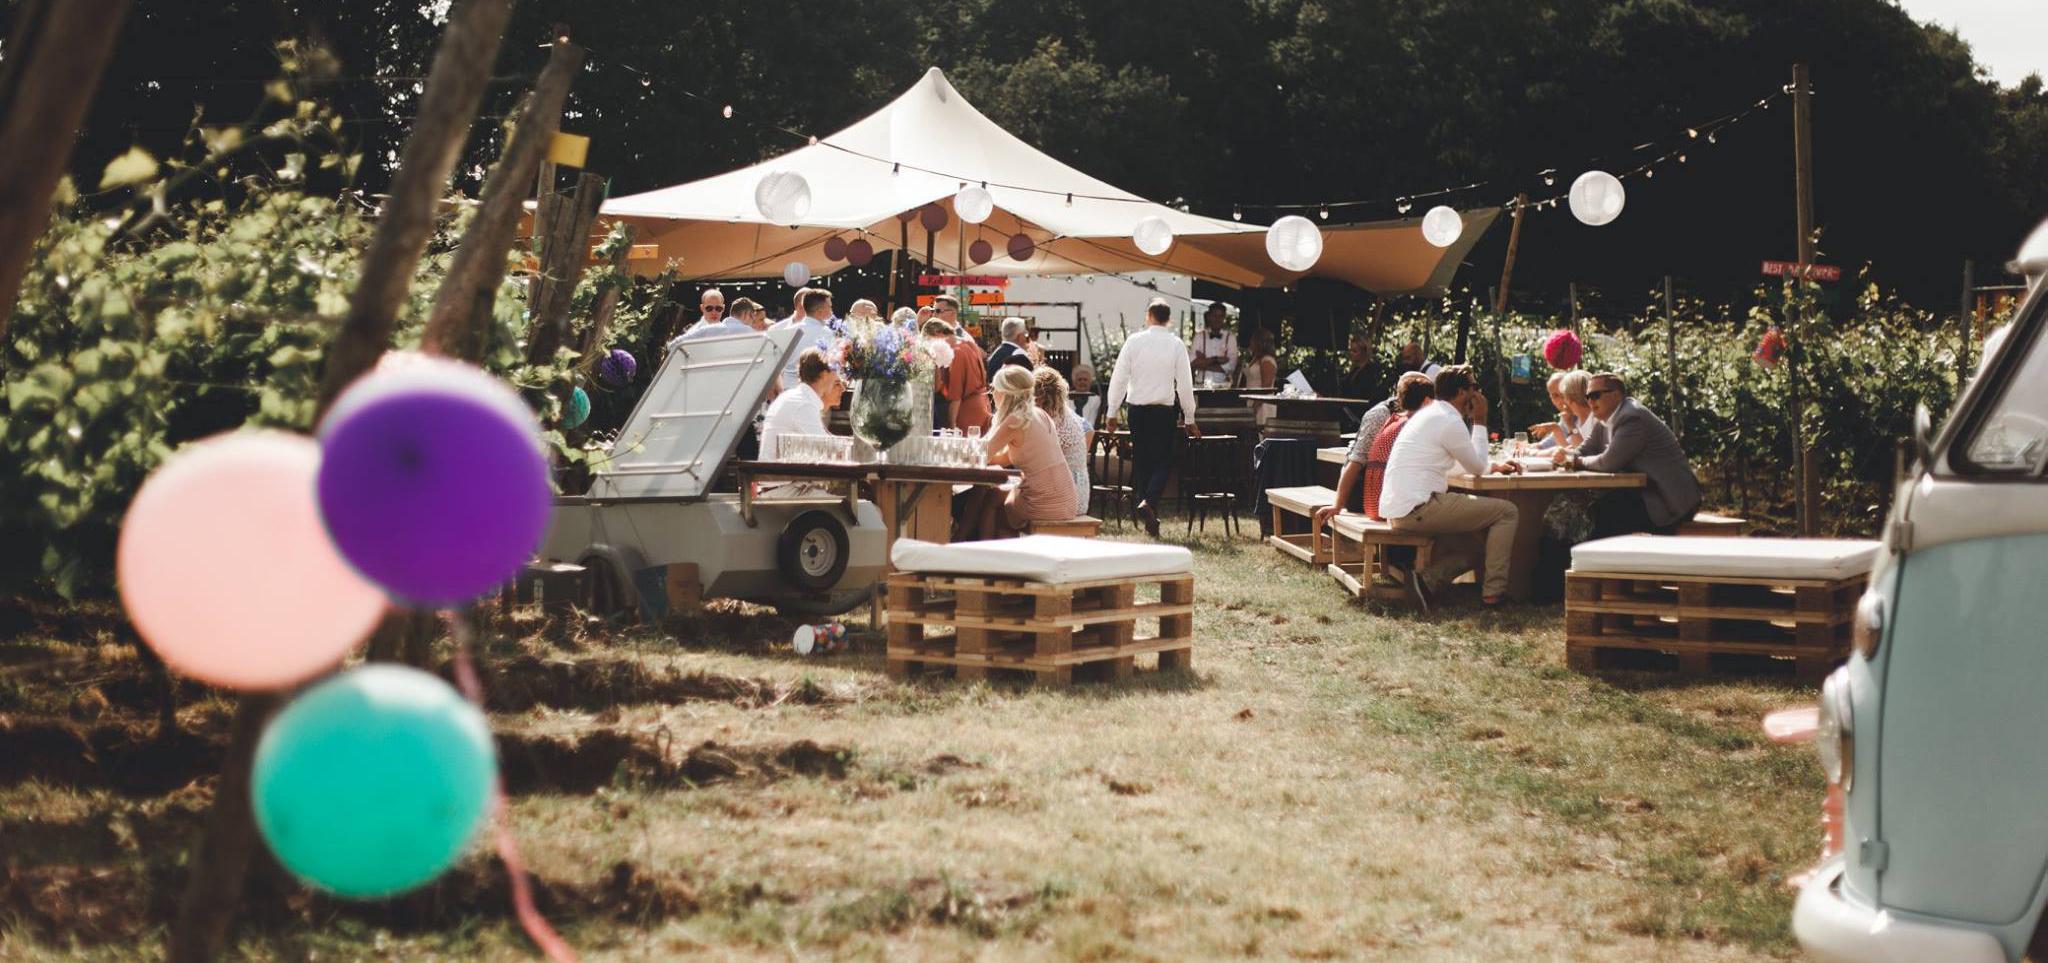 Locatie - Wijngaard Hof van Twente - Privé events - Bruiloft - Boenders Catering